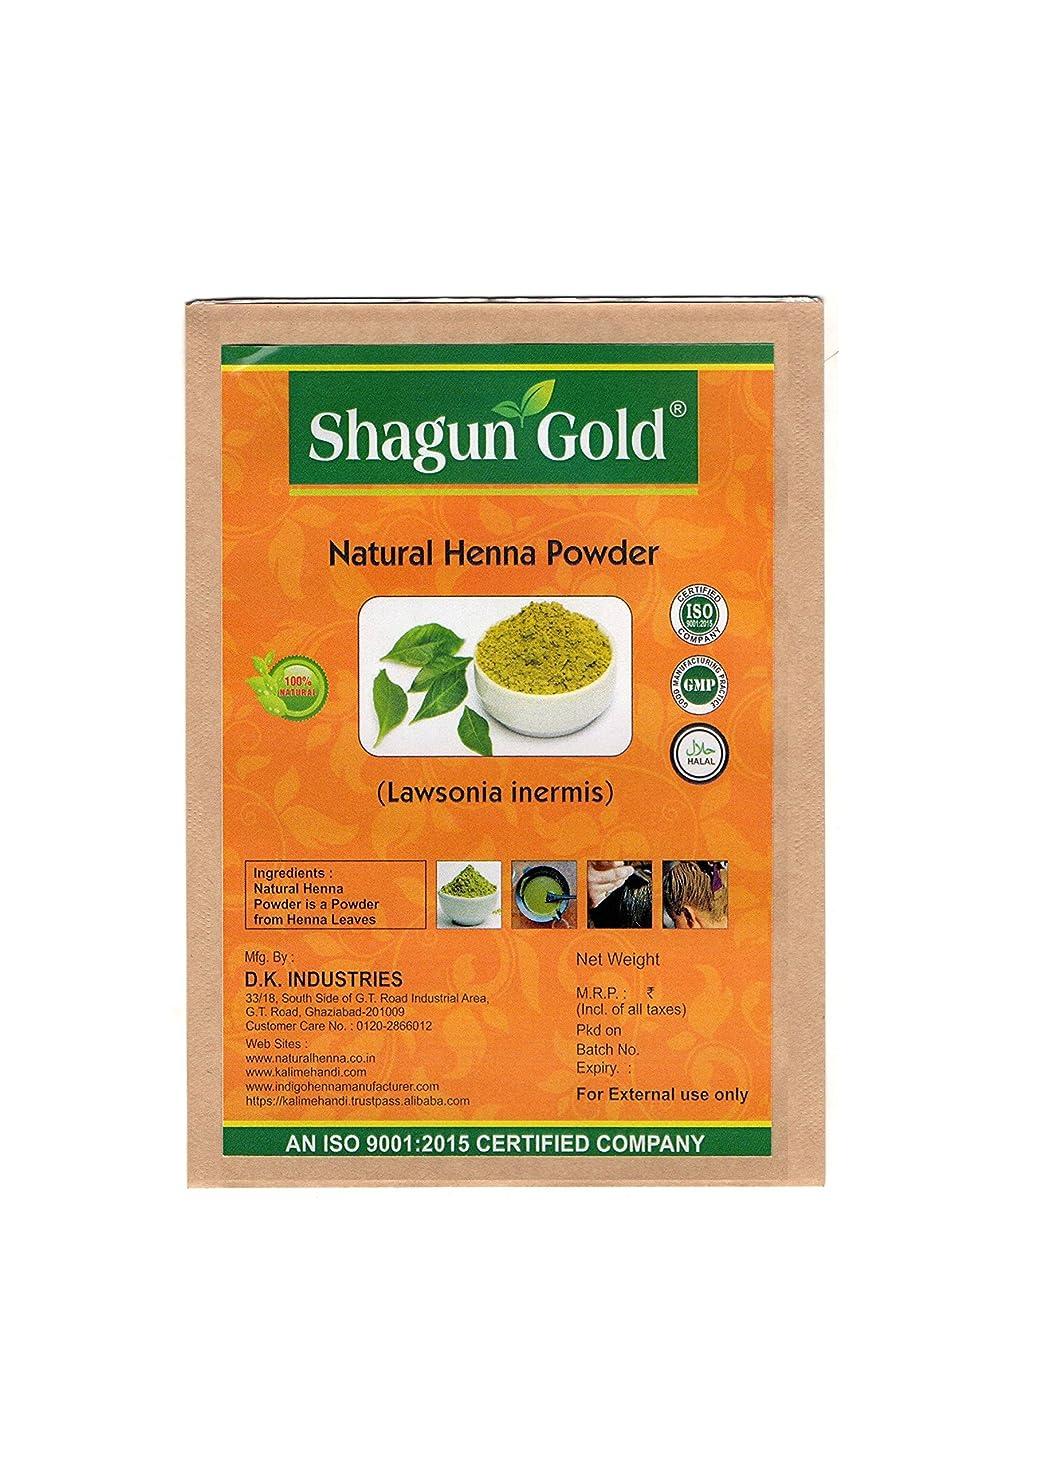 ピット近所の誰のShagun Gold A 100% Natural ( lawsonia Inermis ) Natural Henna Powder For Hair Certified By Gmp / Halal / ISO-9001-2015 No Ammonia, No PPD, Chemical Free 7.05 Oz / ( 1 / 2 lb ) / 200g